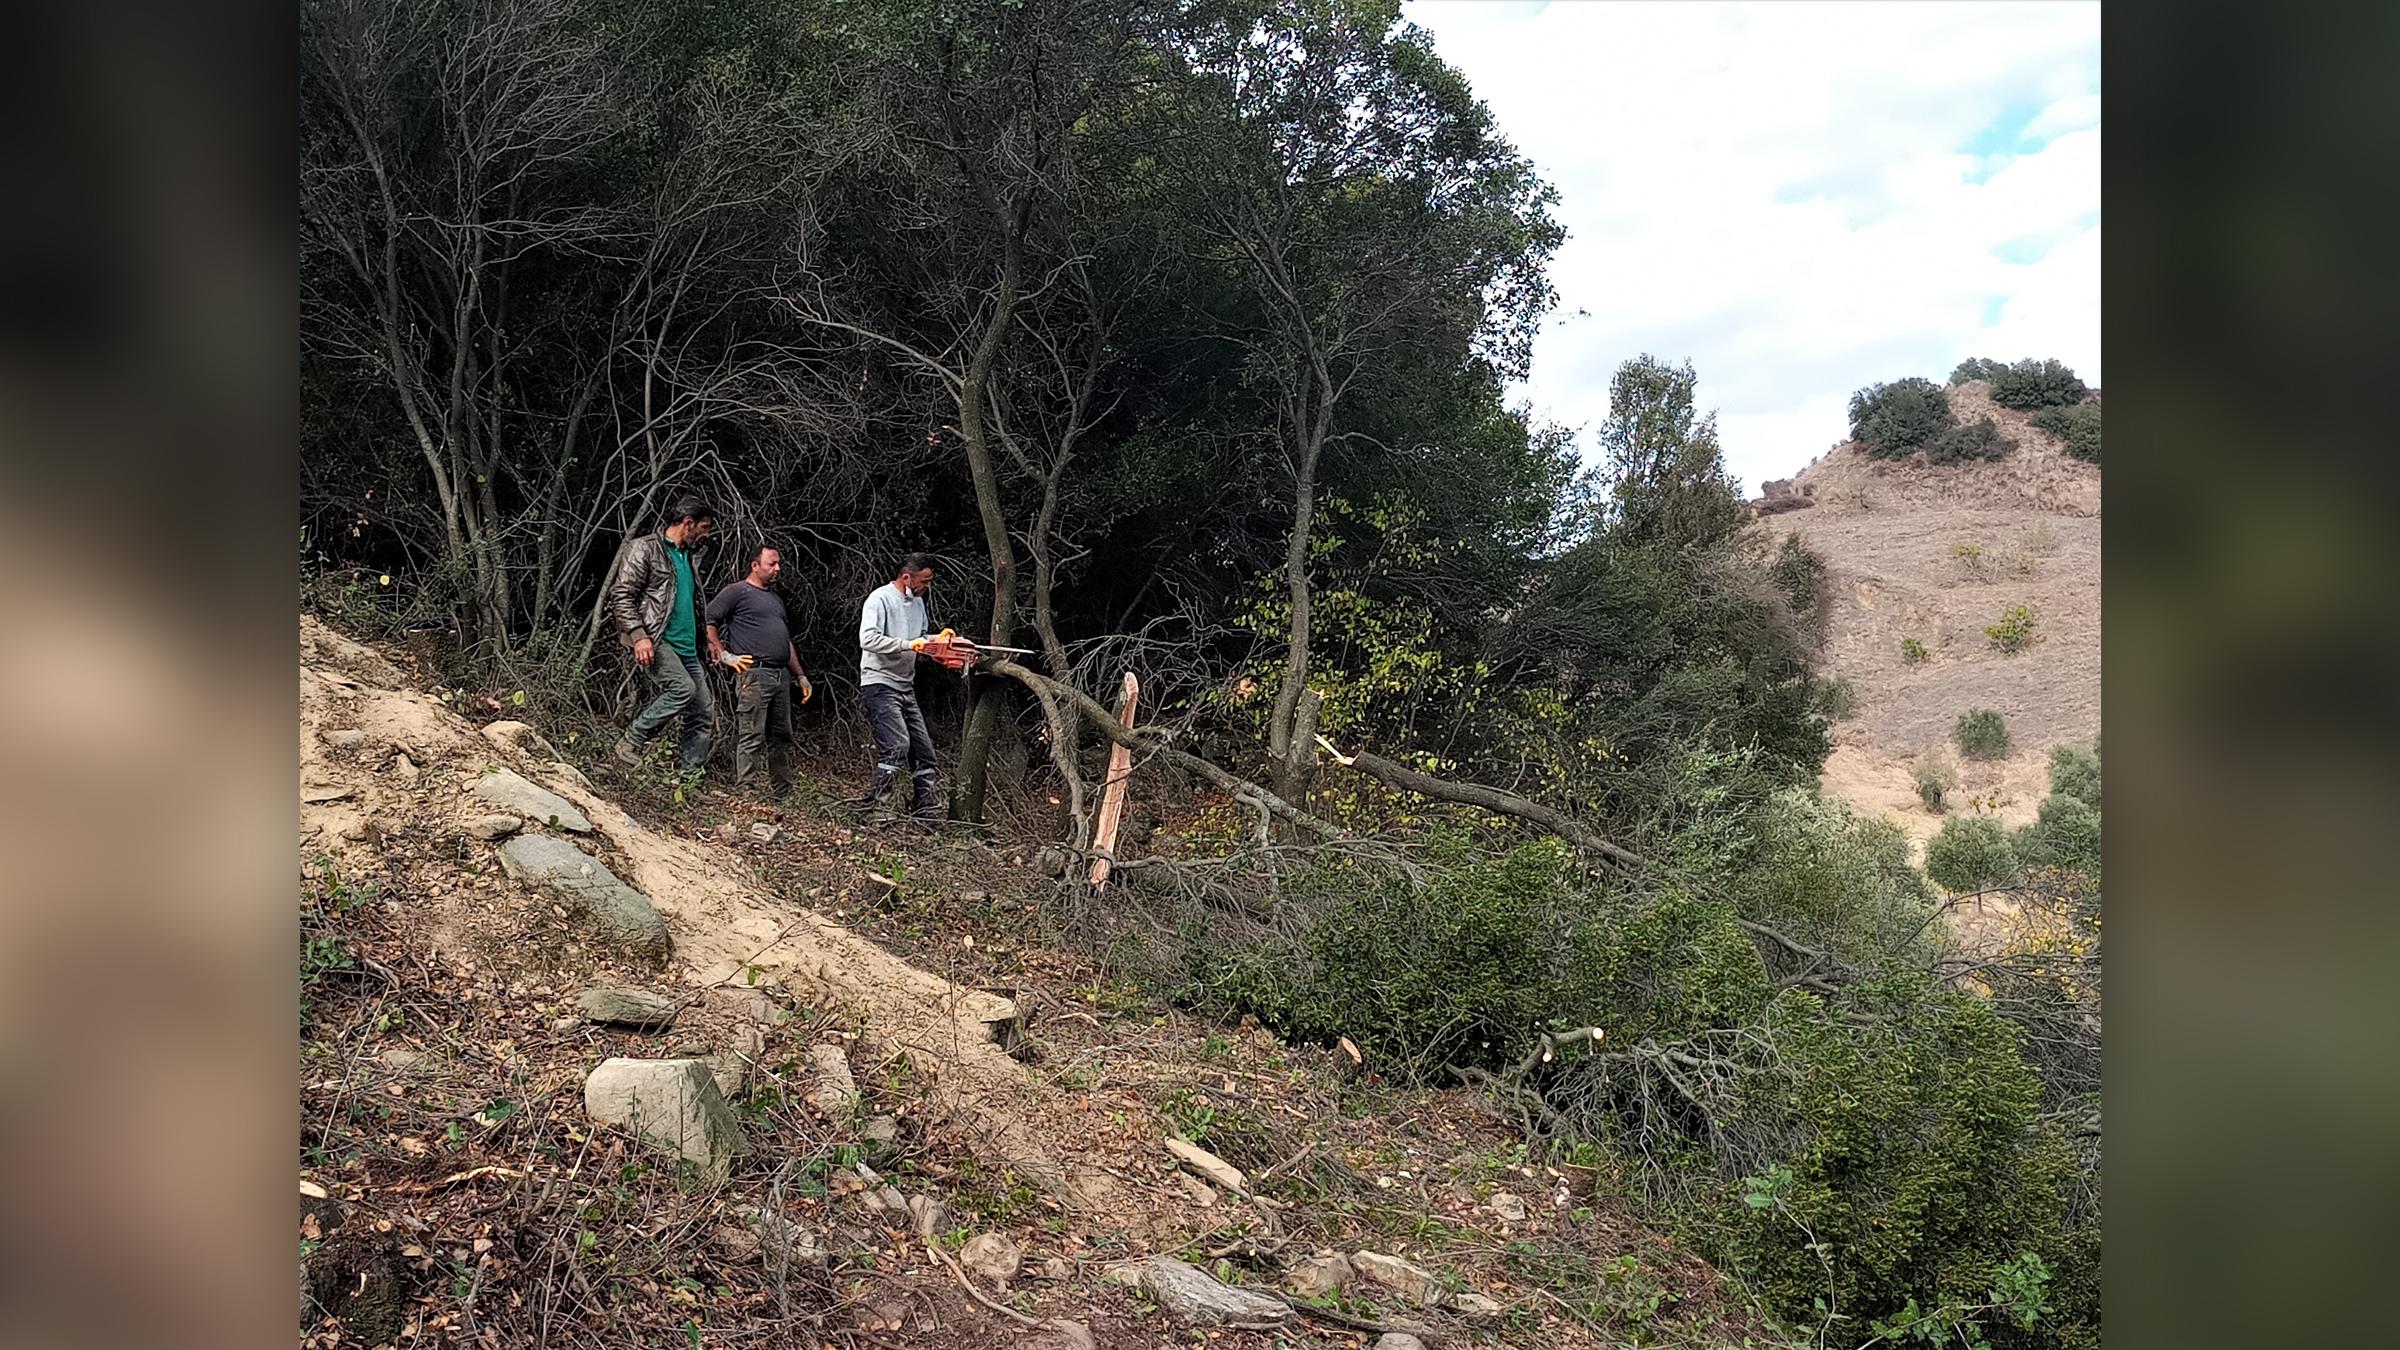 Les arbres ont été abattus afin que les archéologues puissent étudier correctement la région.